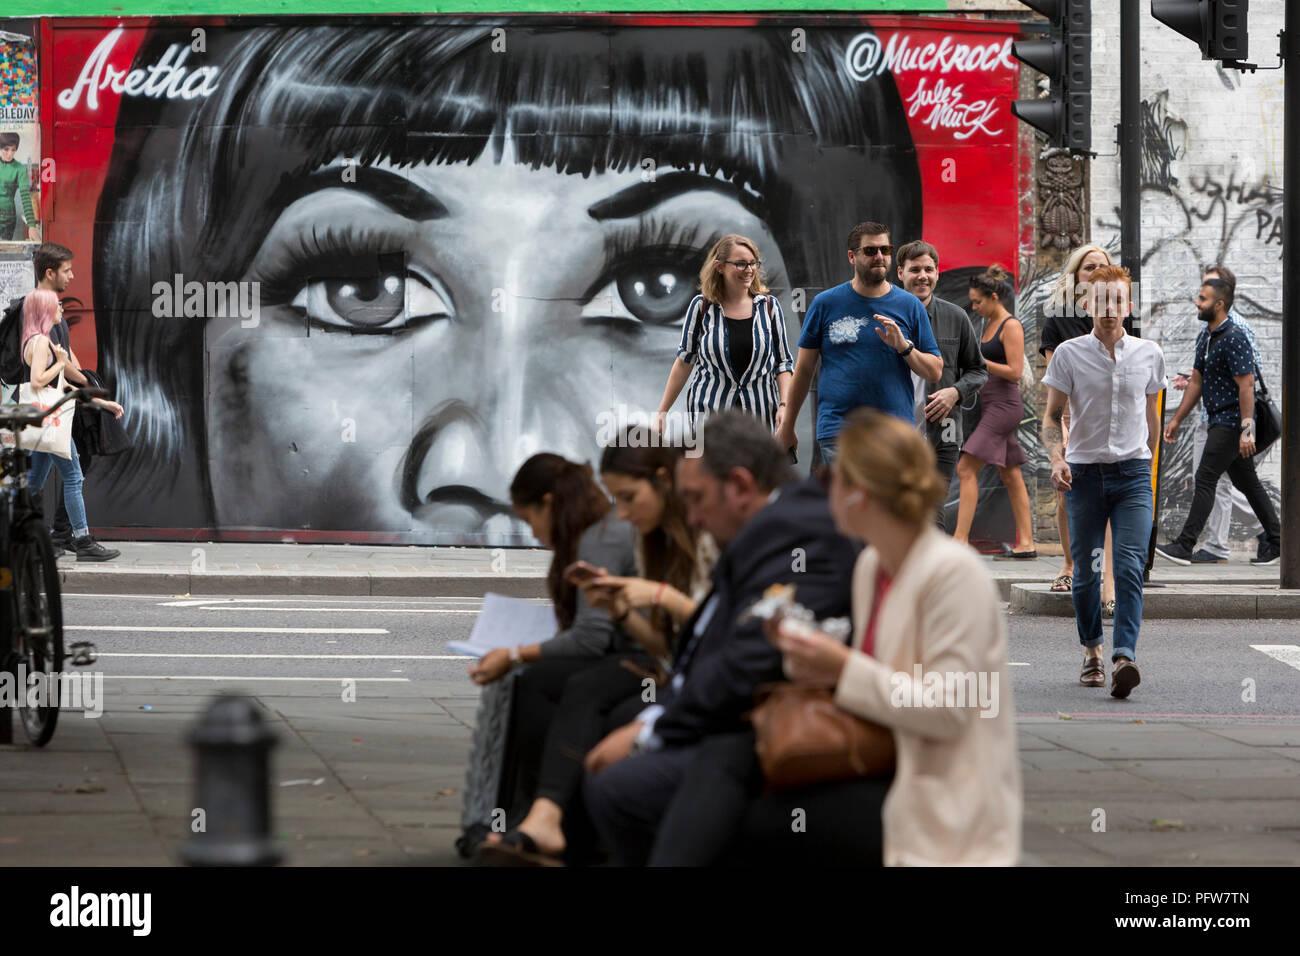 Londoners Spaziergang, vorbei an einem neuen Wandbild in Shoreditch (nach Künstler Jules Muck) der Seele Königin Aretha Franklin, die ein paar Tage zuvor gestorben, am 20. August 2018 in London, England. Stockfoto